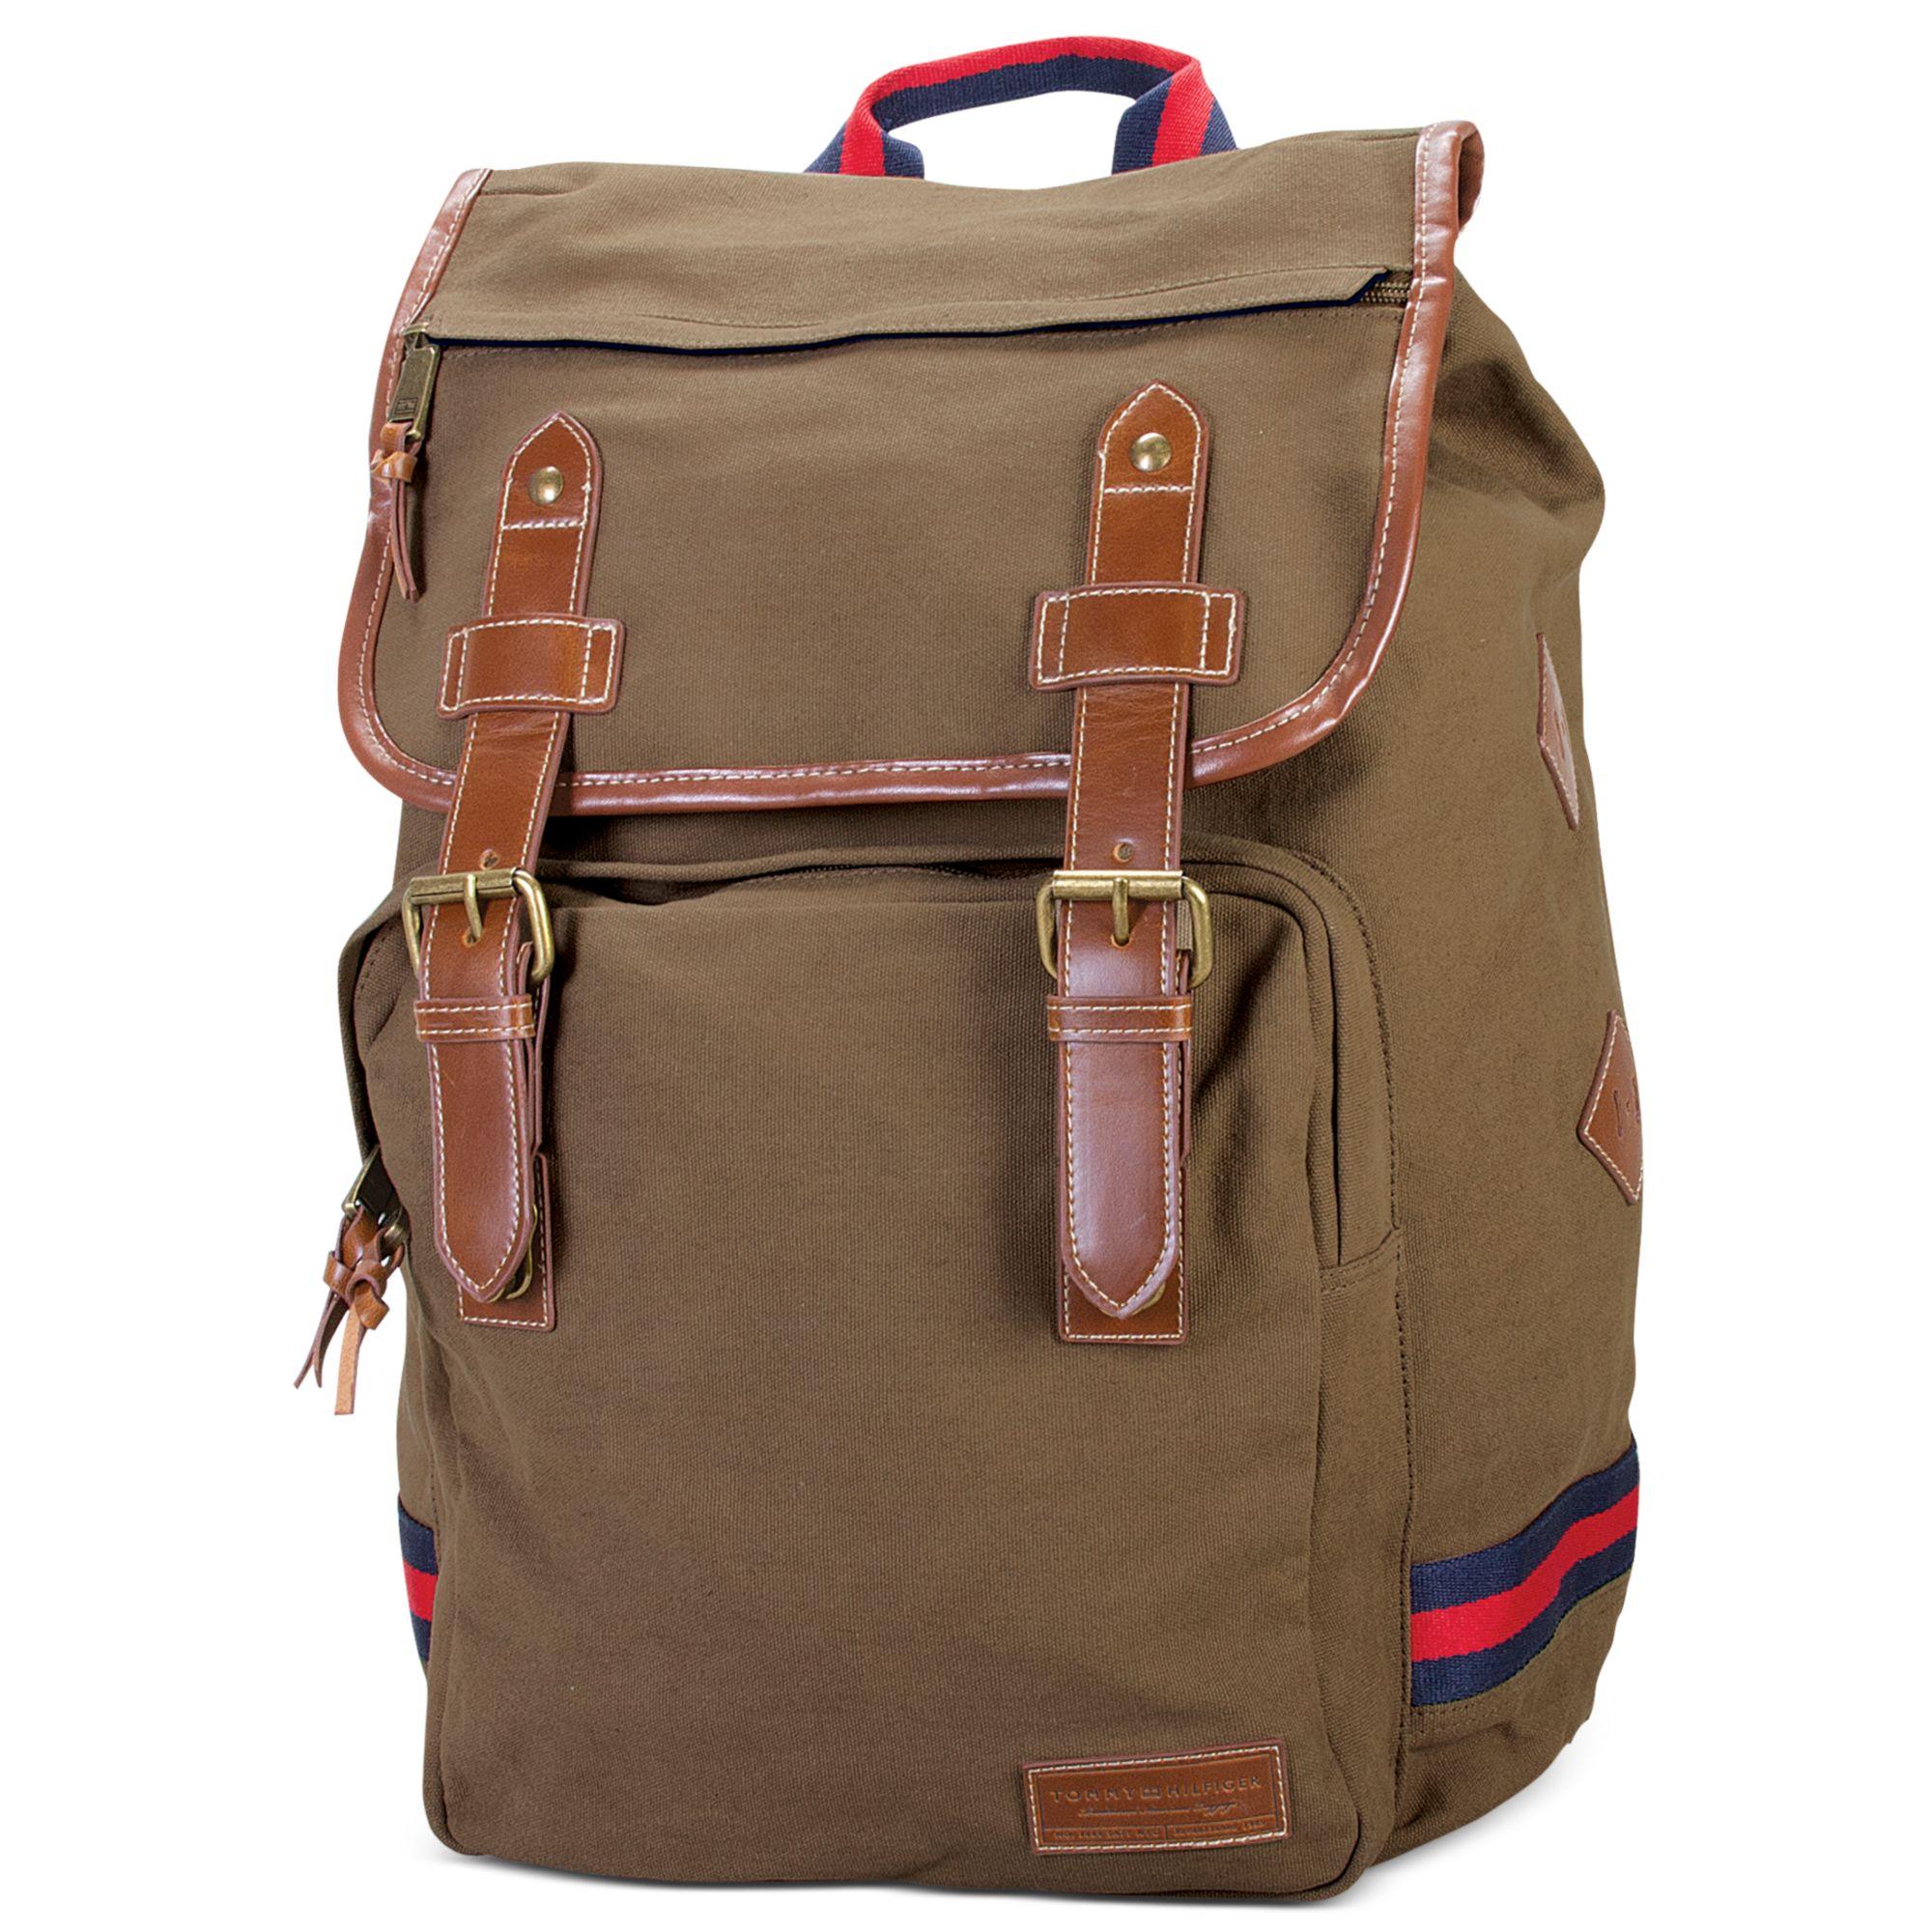 tommy hilfiger canvas backpack in khaki for men lyst. Black Bedroom Furniture Sets. Home Design Ideas